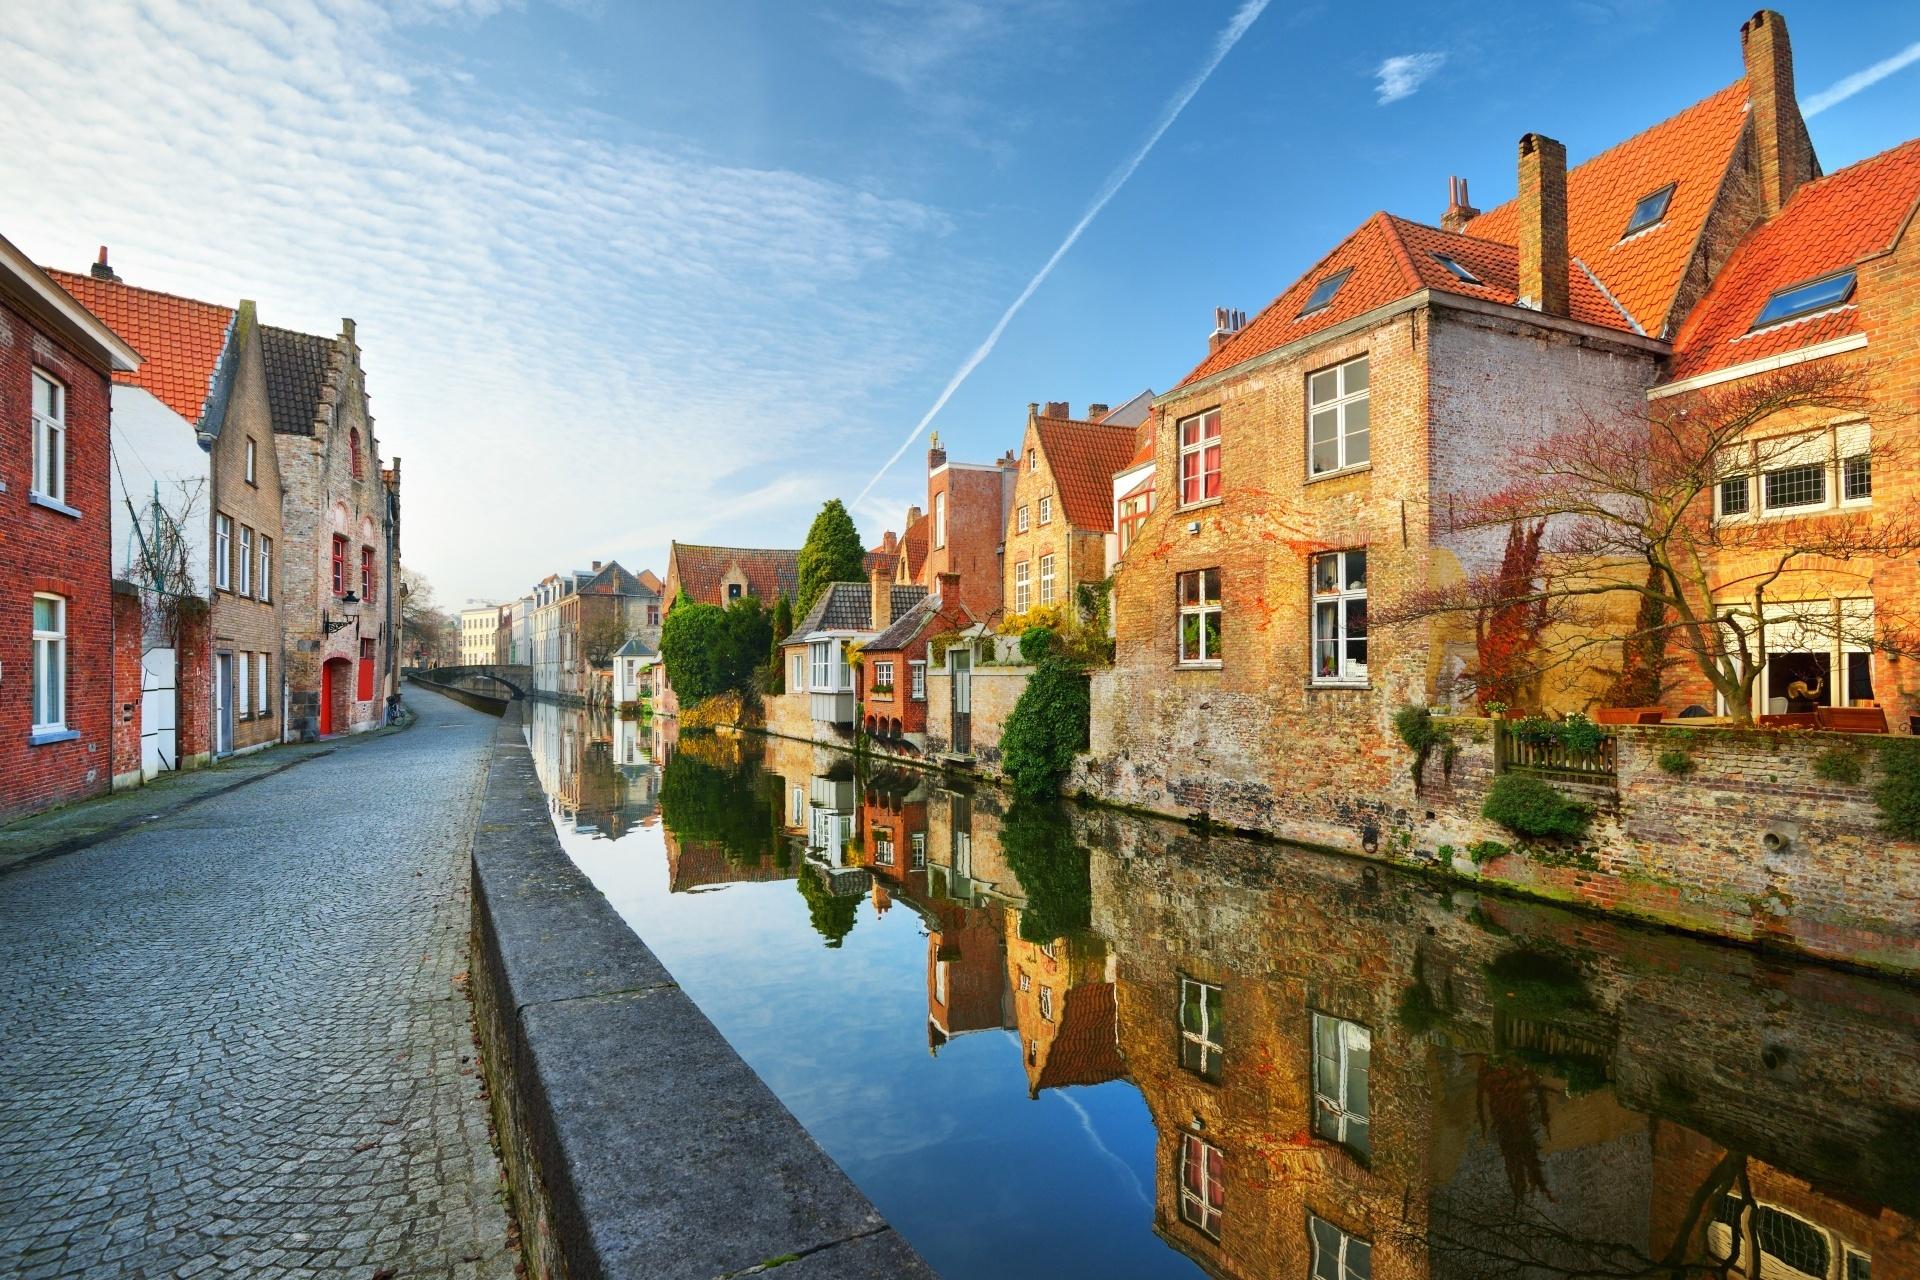 ブルージュの運河と街の景色 ベルギーの風景